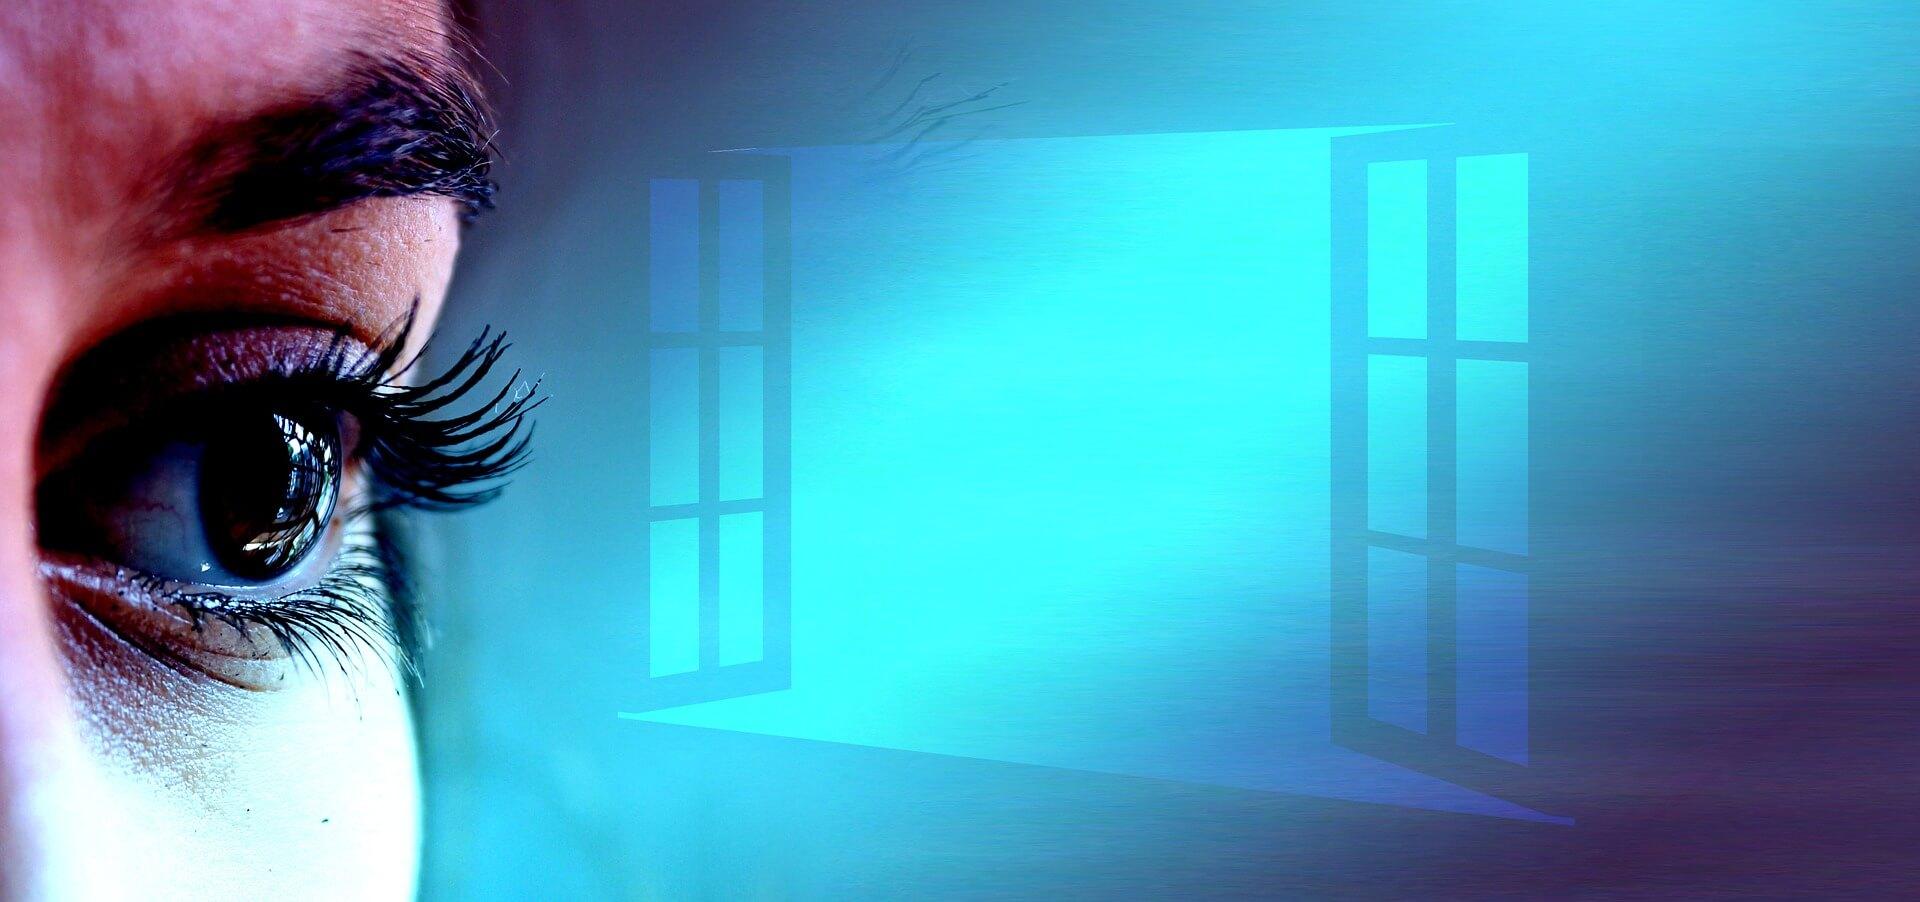 """Symbolbild """"Geöffnete Augen"""": Nahaufnahme Auge einer Frau neben symbolischem offenen Fenster in Blau."""